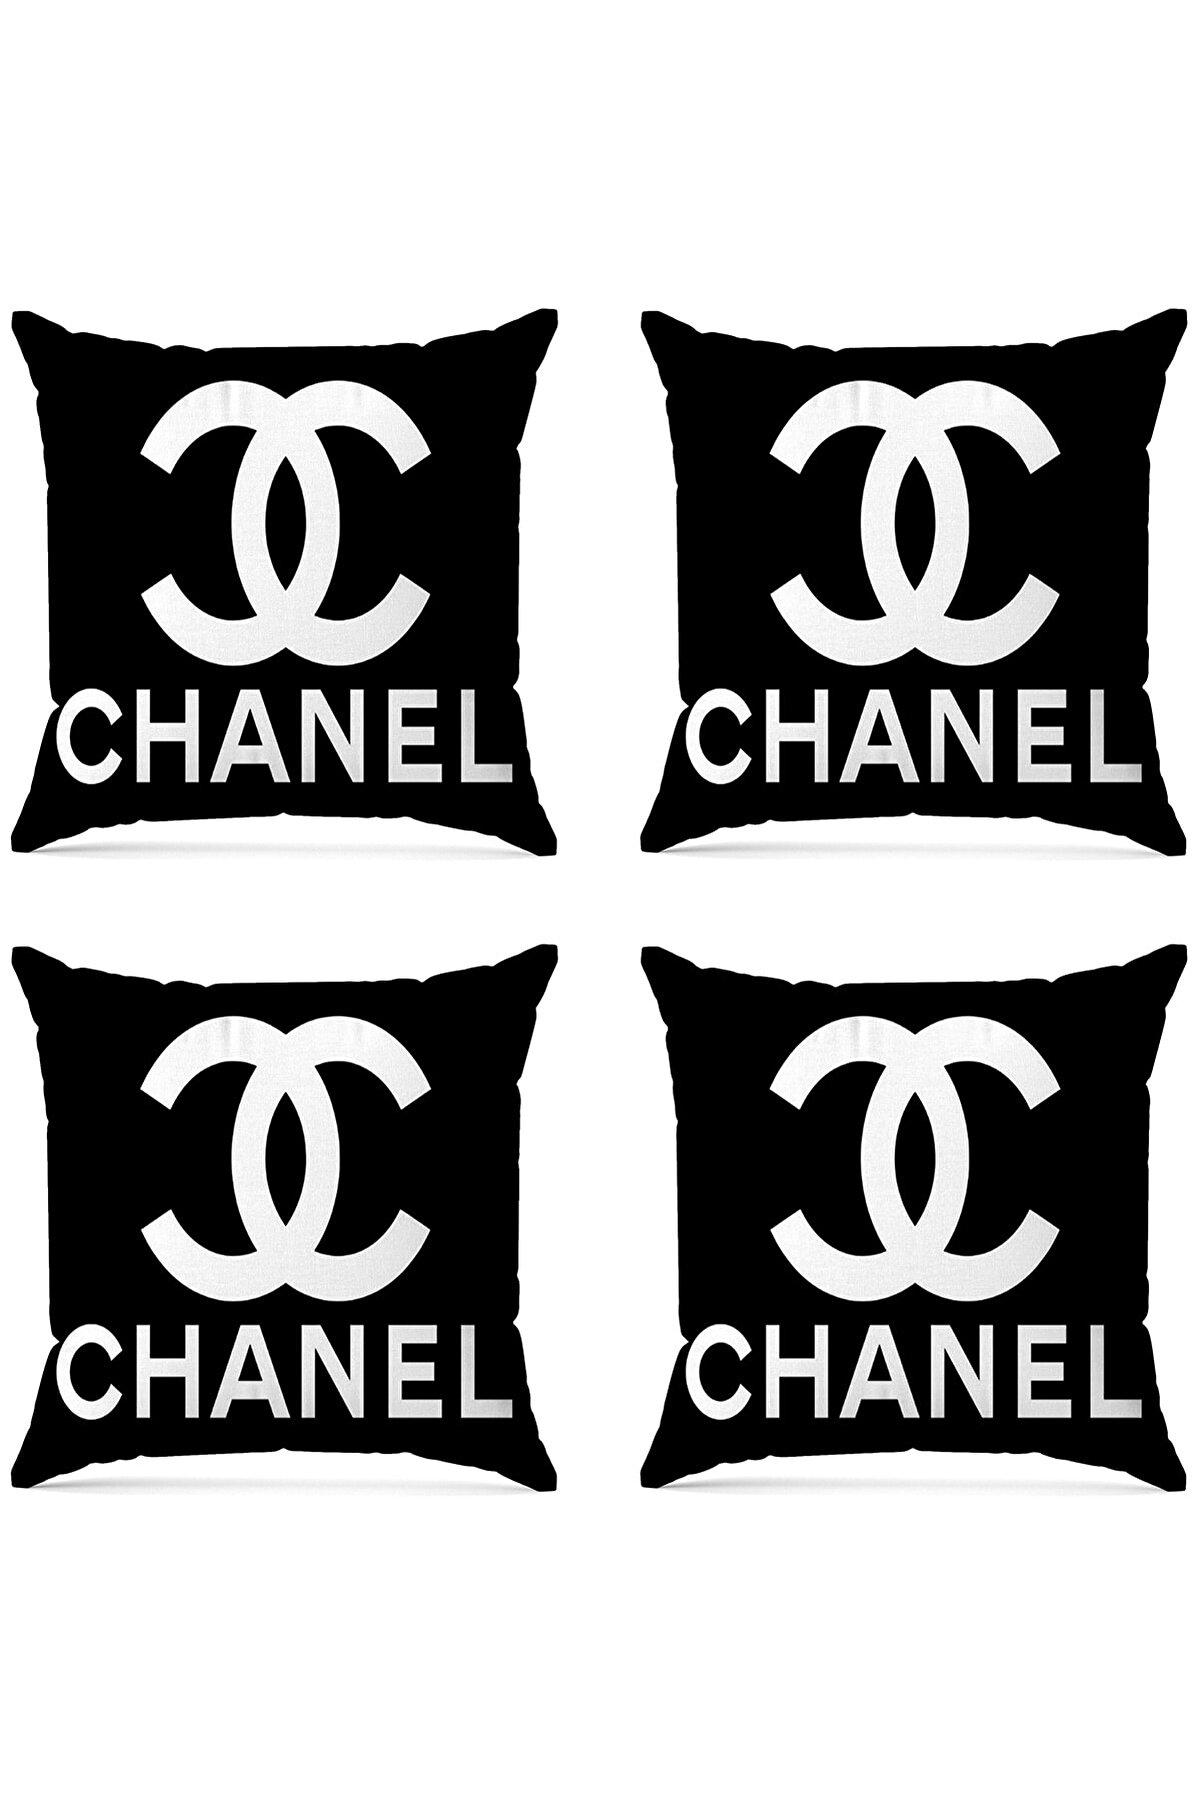 AYDEMİR TEKSTİL Chanel Dijital Baskılı Dekoratif 4'lü Kırlent Kılıfı